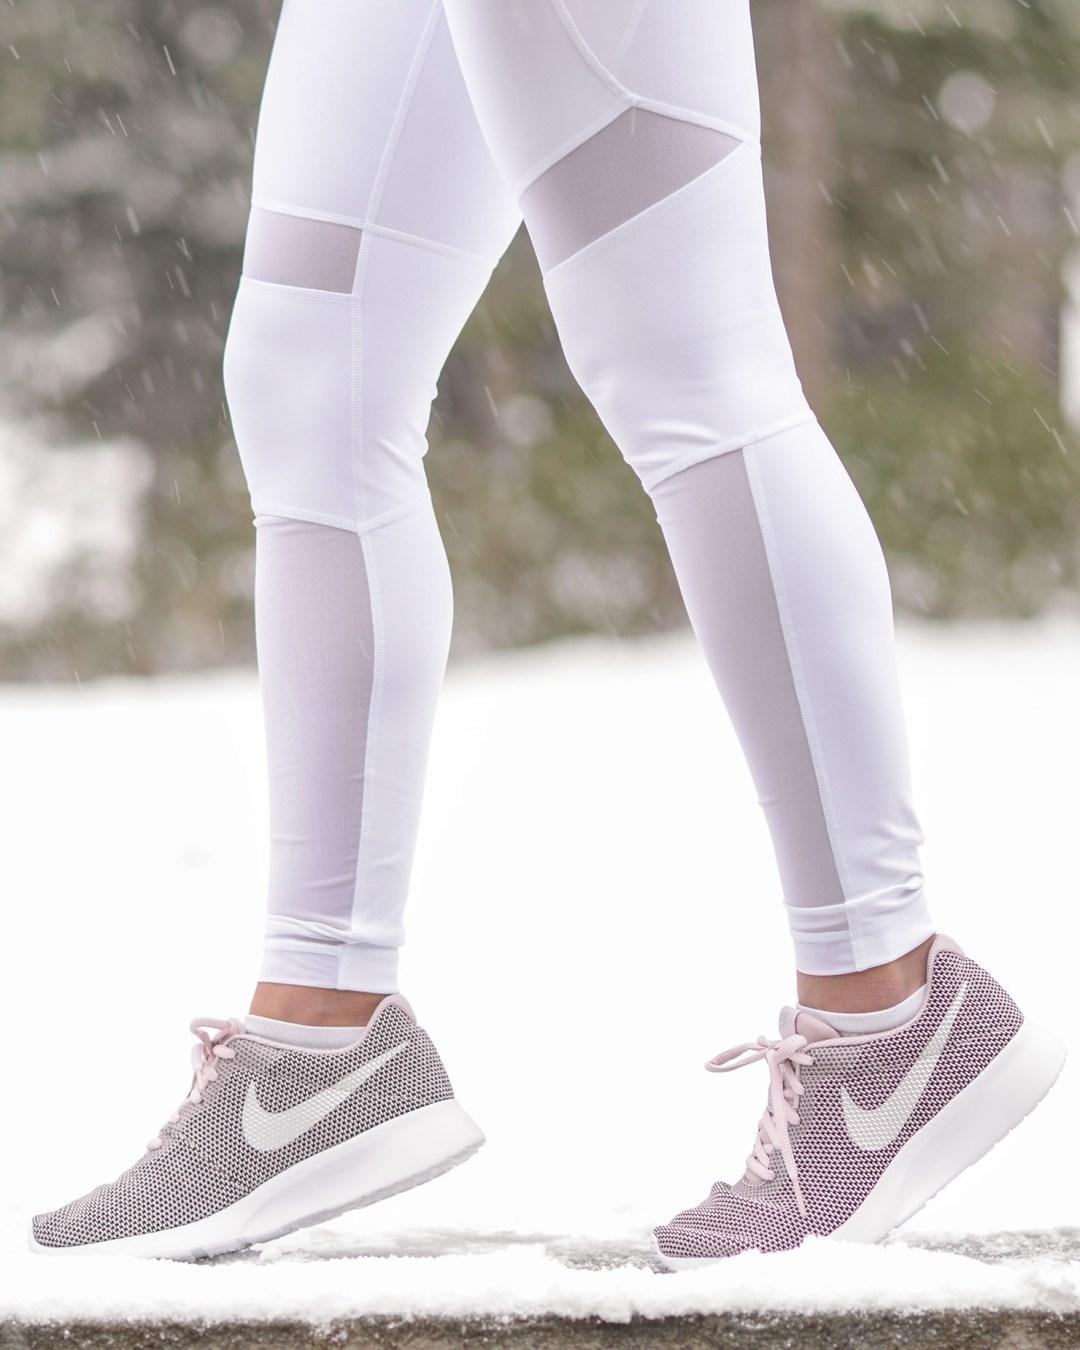 lifestyle blogger Kelsey Kaplan of Kelsey Kaplan Fashion wearing white yoga pants and Nike Tanjun sneakers